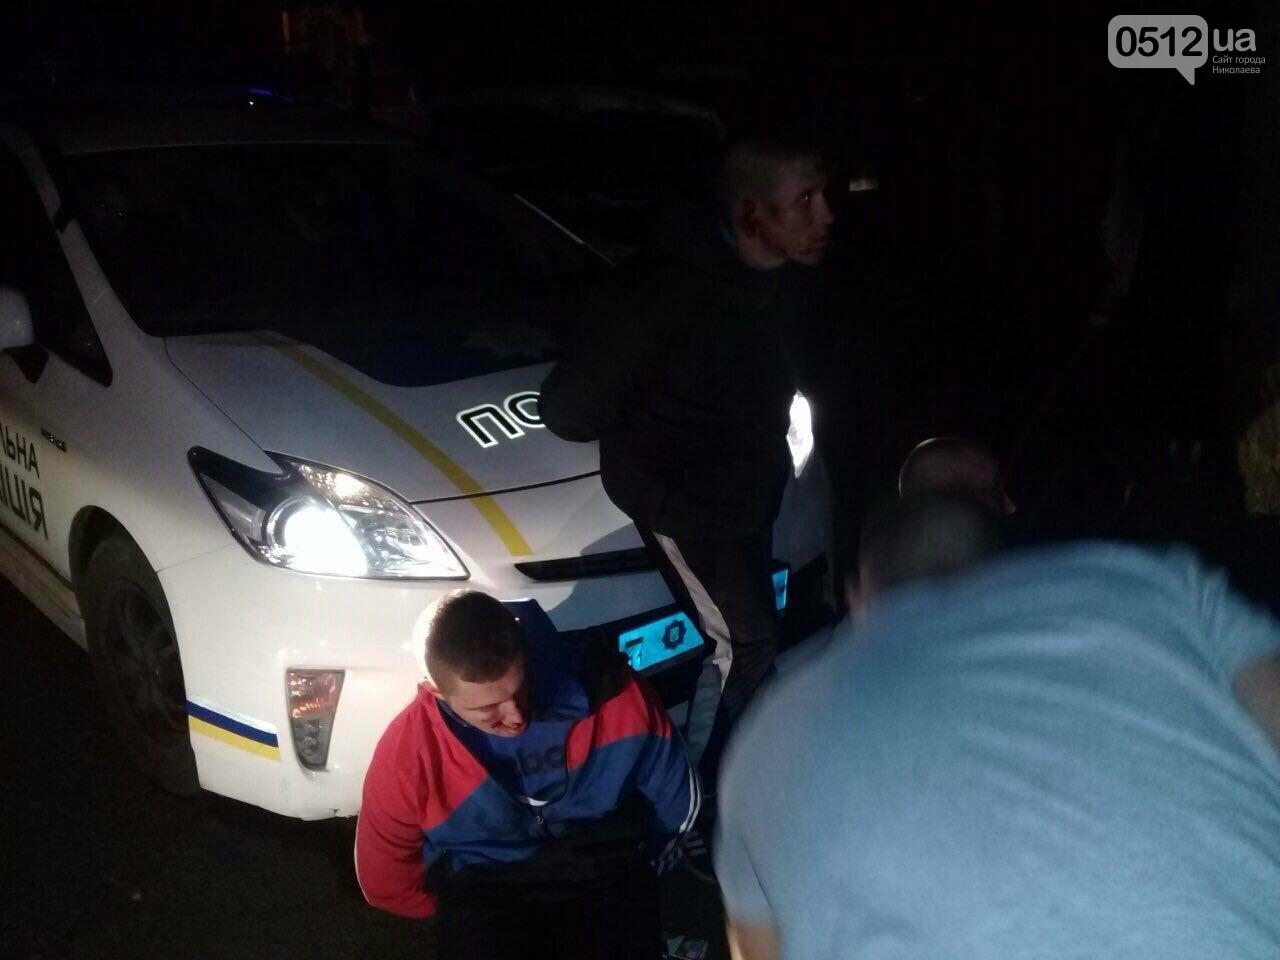 Погоня со стрельбой в Николаеве: патрульные задержали группу нетрезвых молодых людей (ФОТО), фото-5